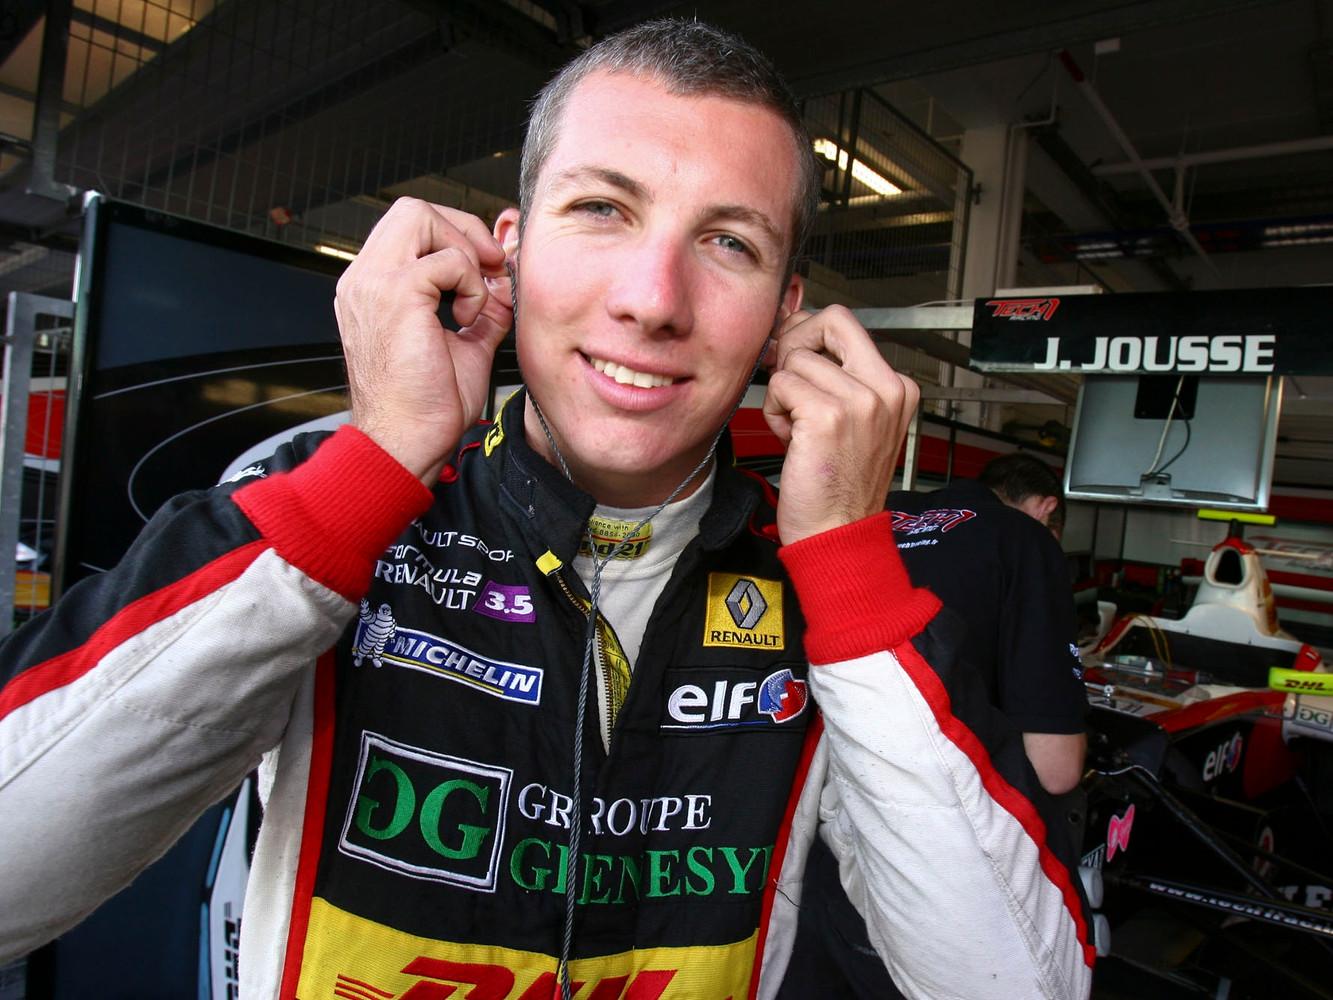 Julien Jousse - Formula 3.5